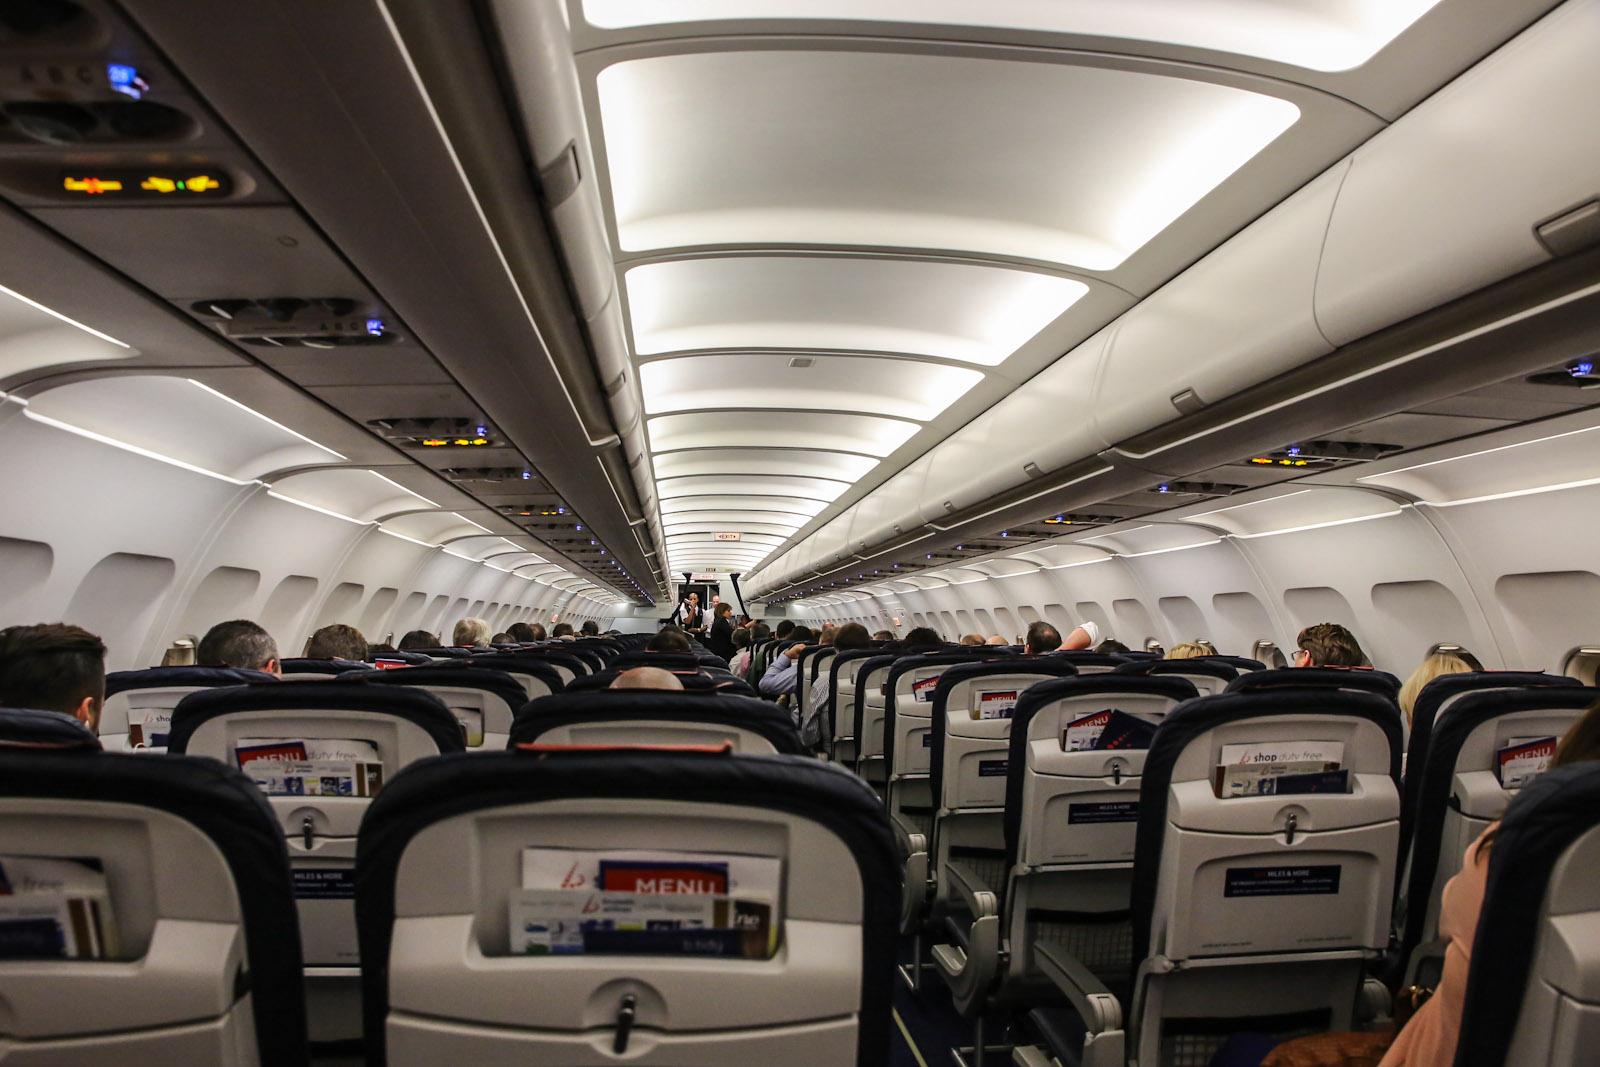 В салоне самолета Airbus A320 Брюссельских авиалиний